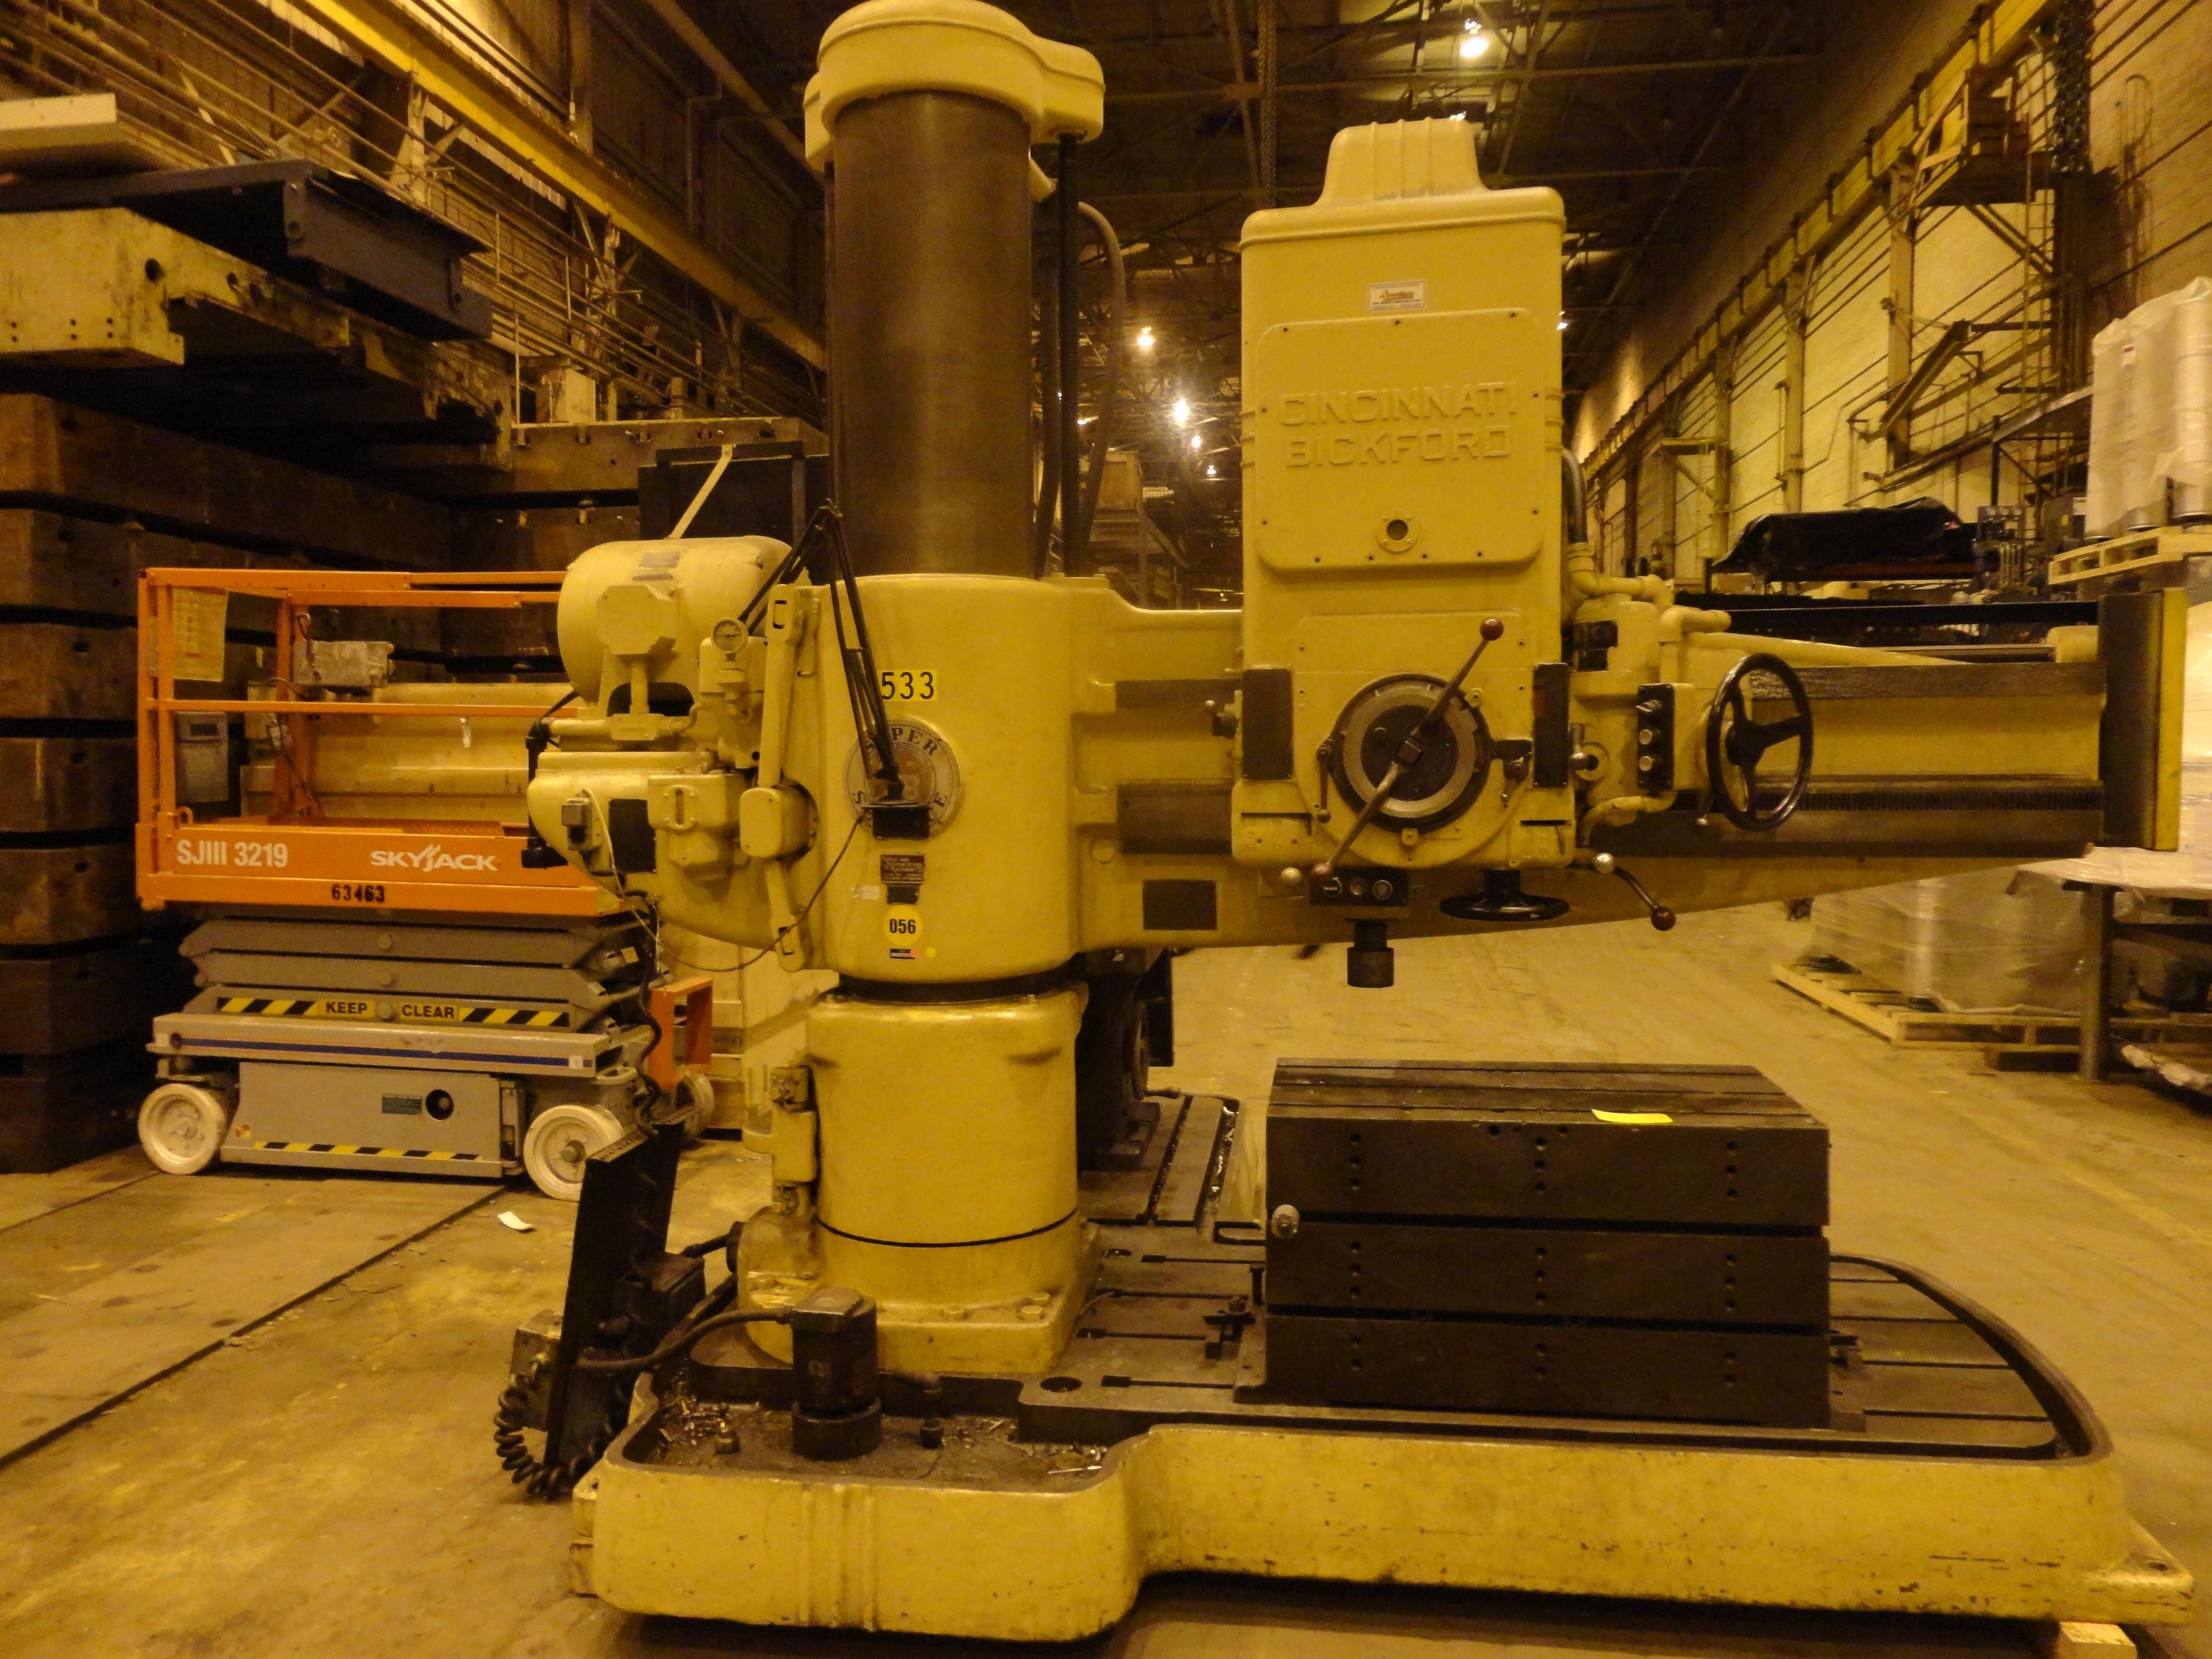 Cincinnati Brickford Radial Drill - Image 3 of 5